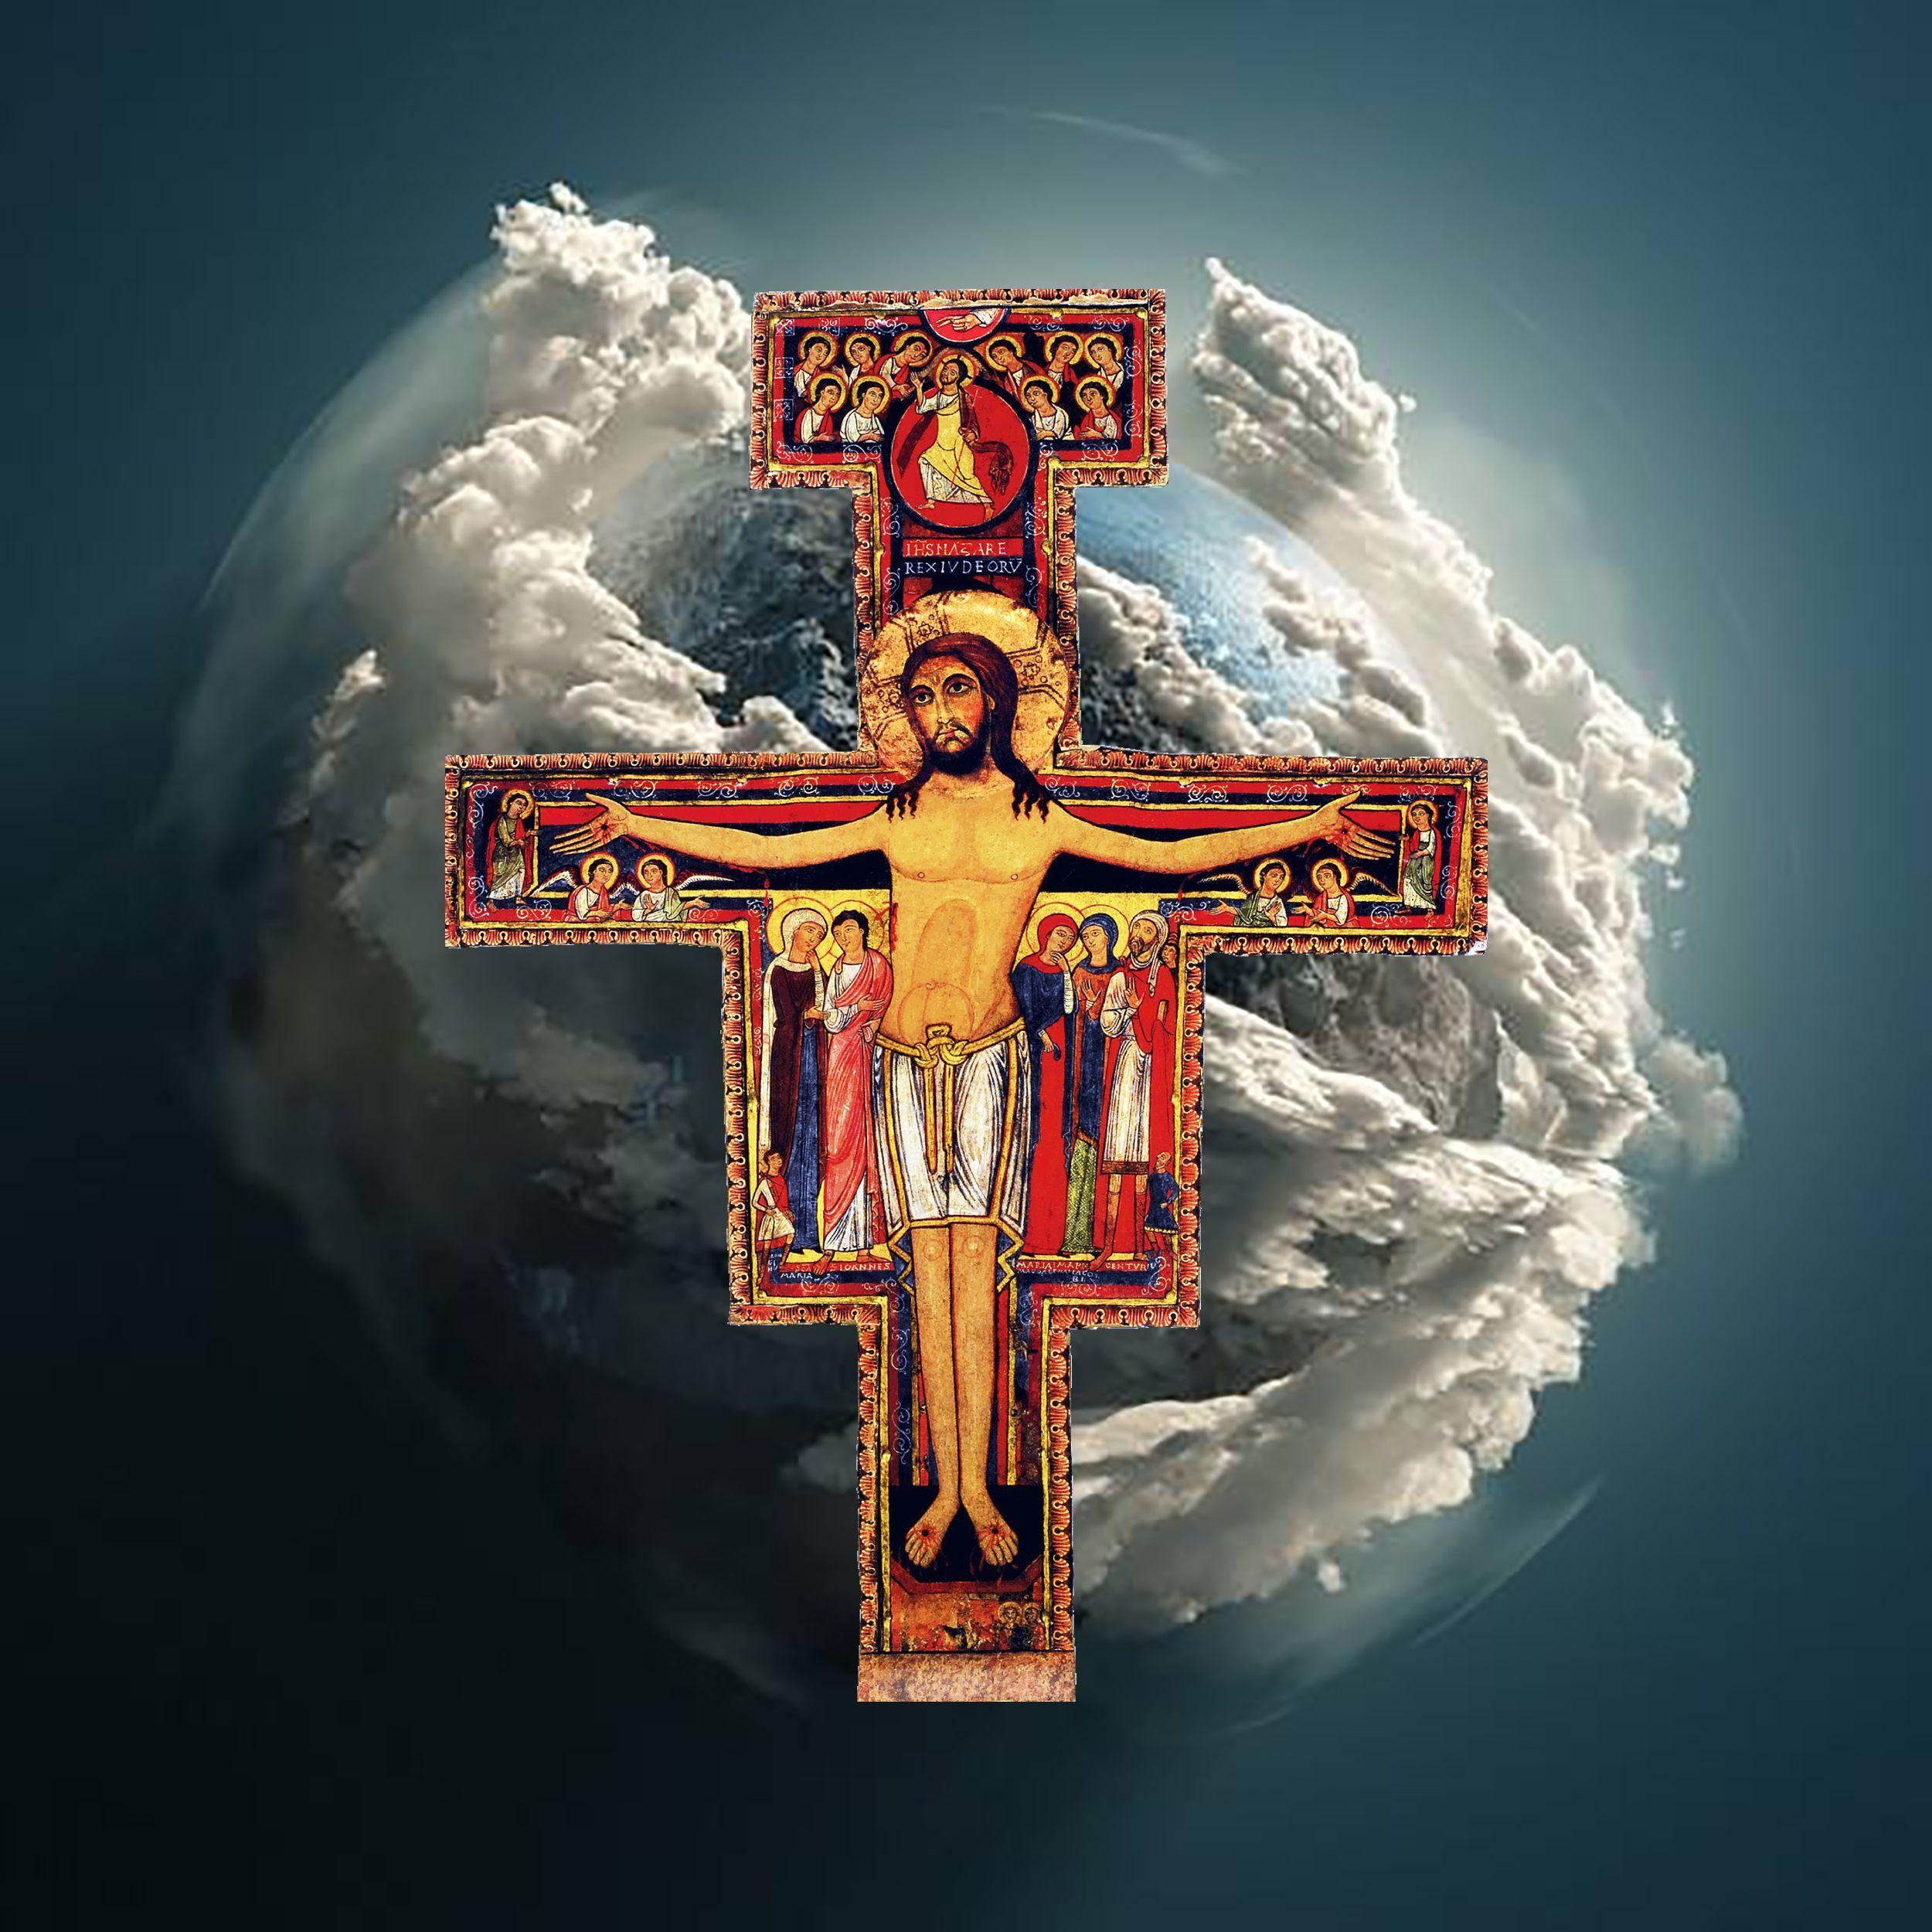 San Damiano Cross Ofs San Francisco De Asis Francisco De Asis